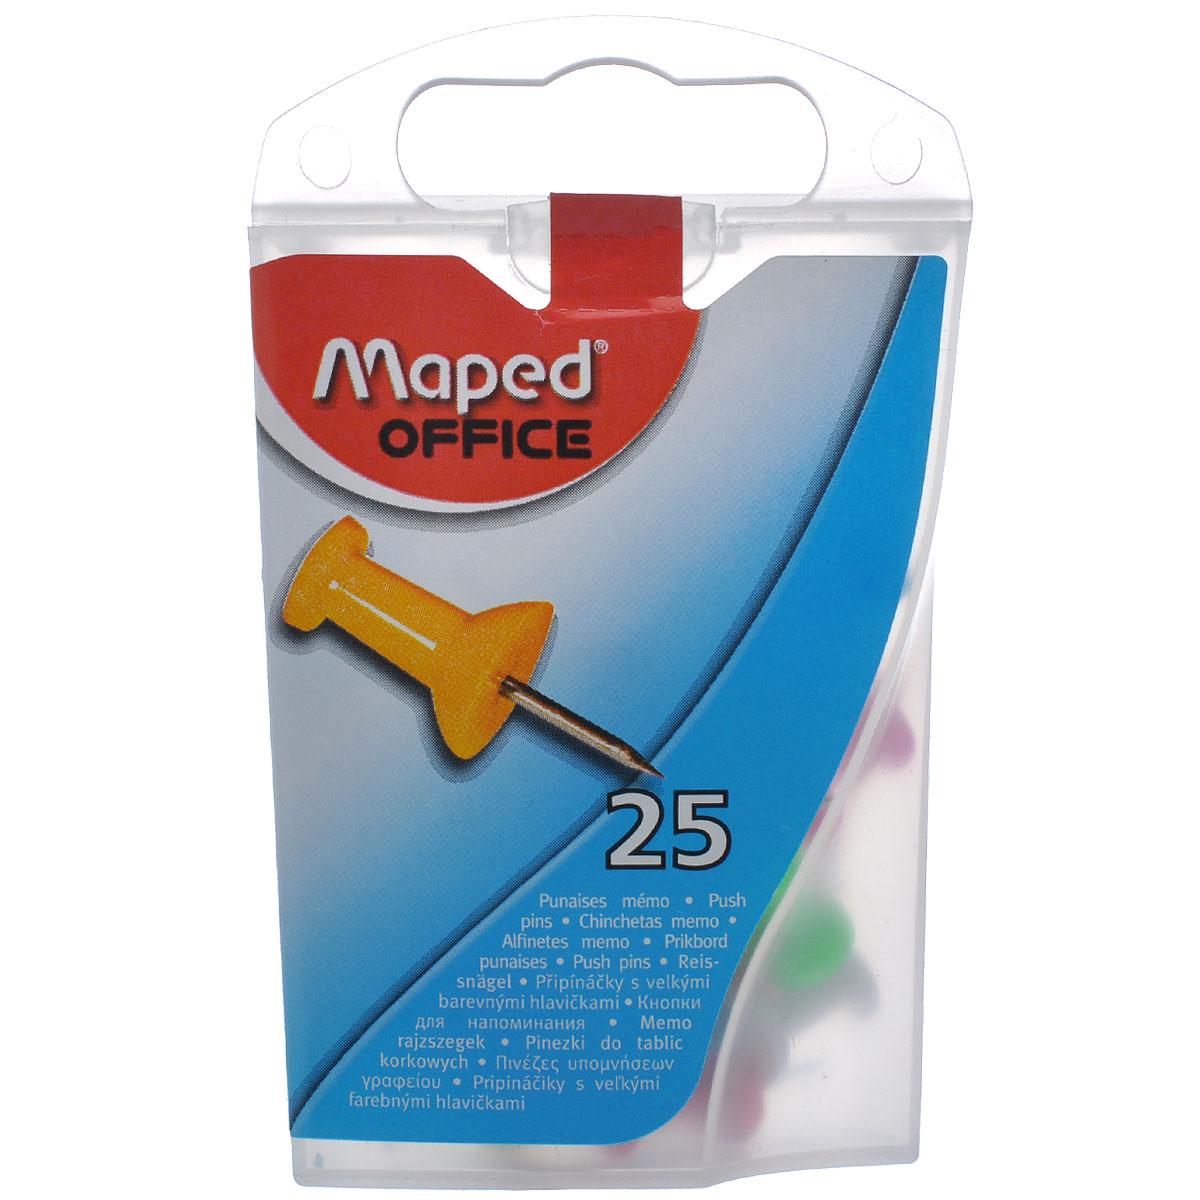 Кнопки-гвоздики канцелярские Maped, цветные, 25 шт345011Канцелярские кнопки-гвоздики Maped предназначены для крепления информации к пробковым досками и другим поверхностям, удобны для маркировки. Кнопки изготовлены из высококачественного металла с удобными цветными держателями и упакованы в пластиковую коробку с европодвесом. В наборе 25 кнопок-гвоздиков с держателями желтого, красного, белого, розового и голубого цветов. Цветные канцелярские кнопки Maped разбавят строгую офисную обстановку яркими цветами и поднимут настроение. Характеристики: Материал: пластик, металл. Размер кнопки (ДхШхВ): 2,3 см х 0,8 см х 0,8 см. Количество: 25 шт. Размер упаковки (ДхШхВ): 9 см х 5,5 см х 2,5 см.